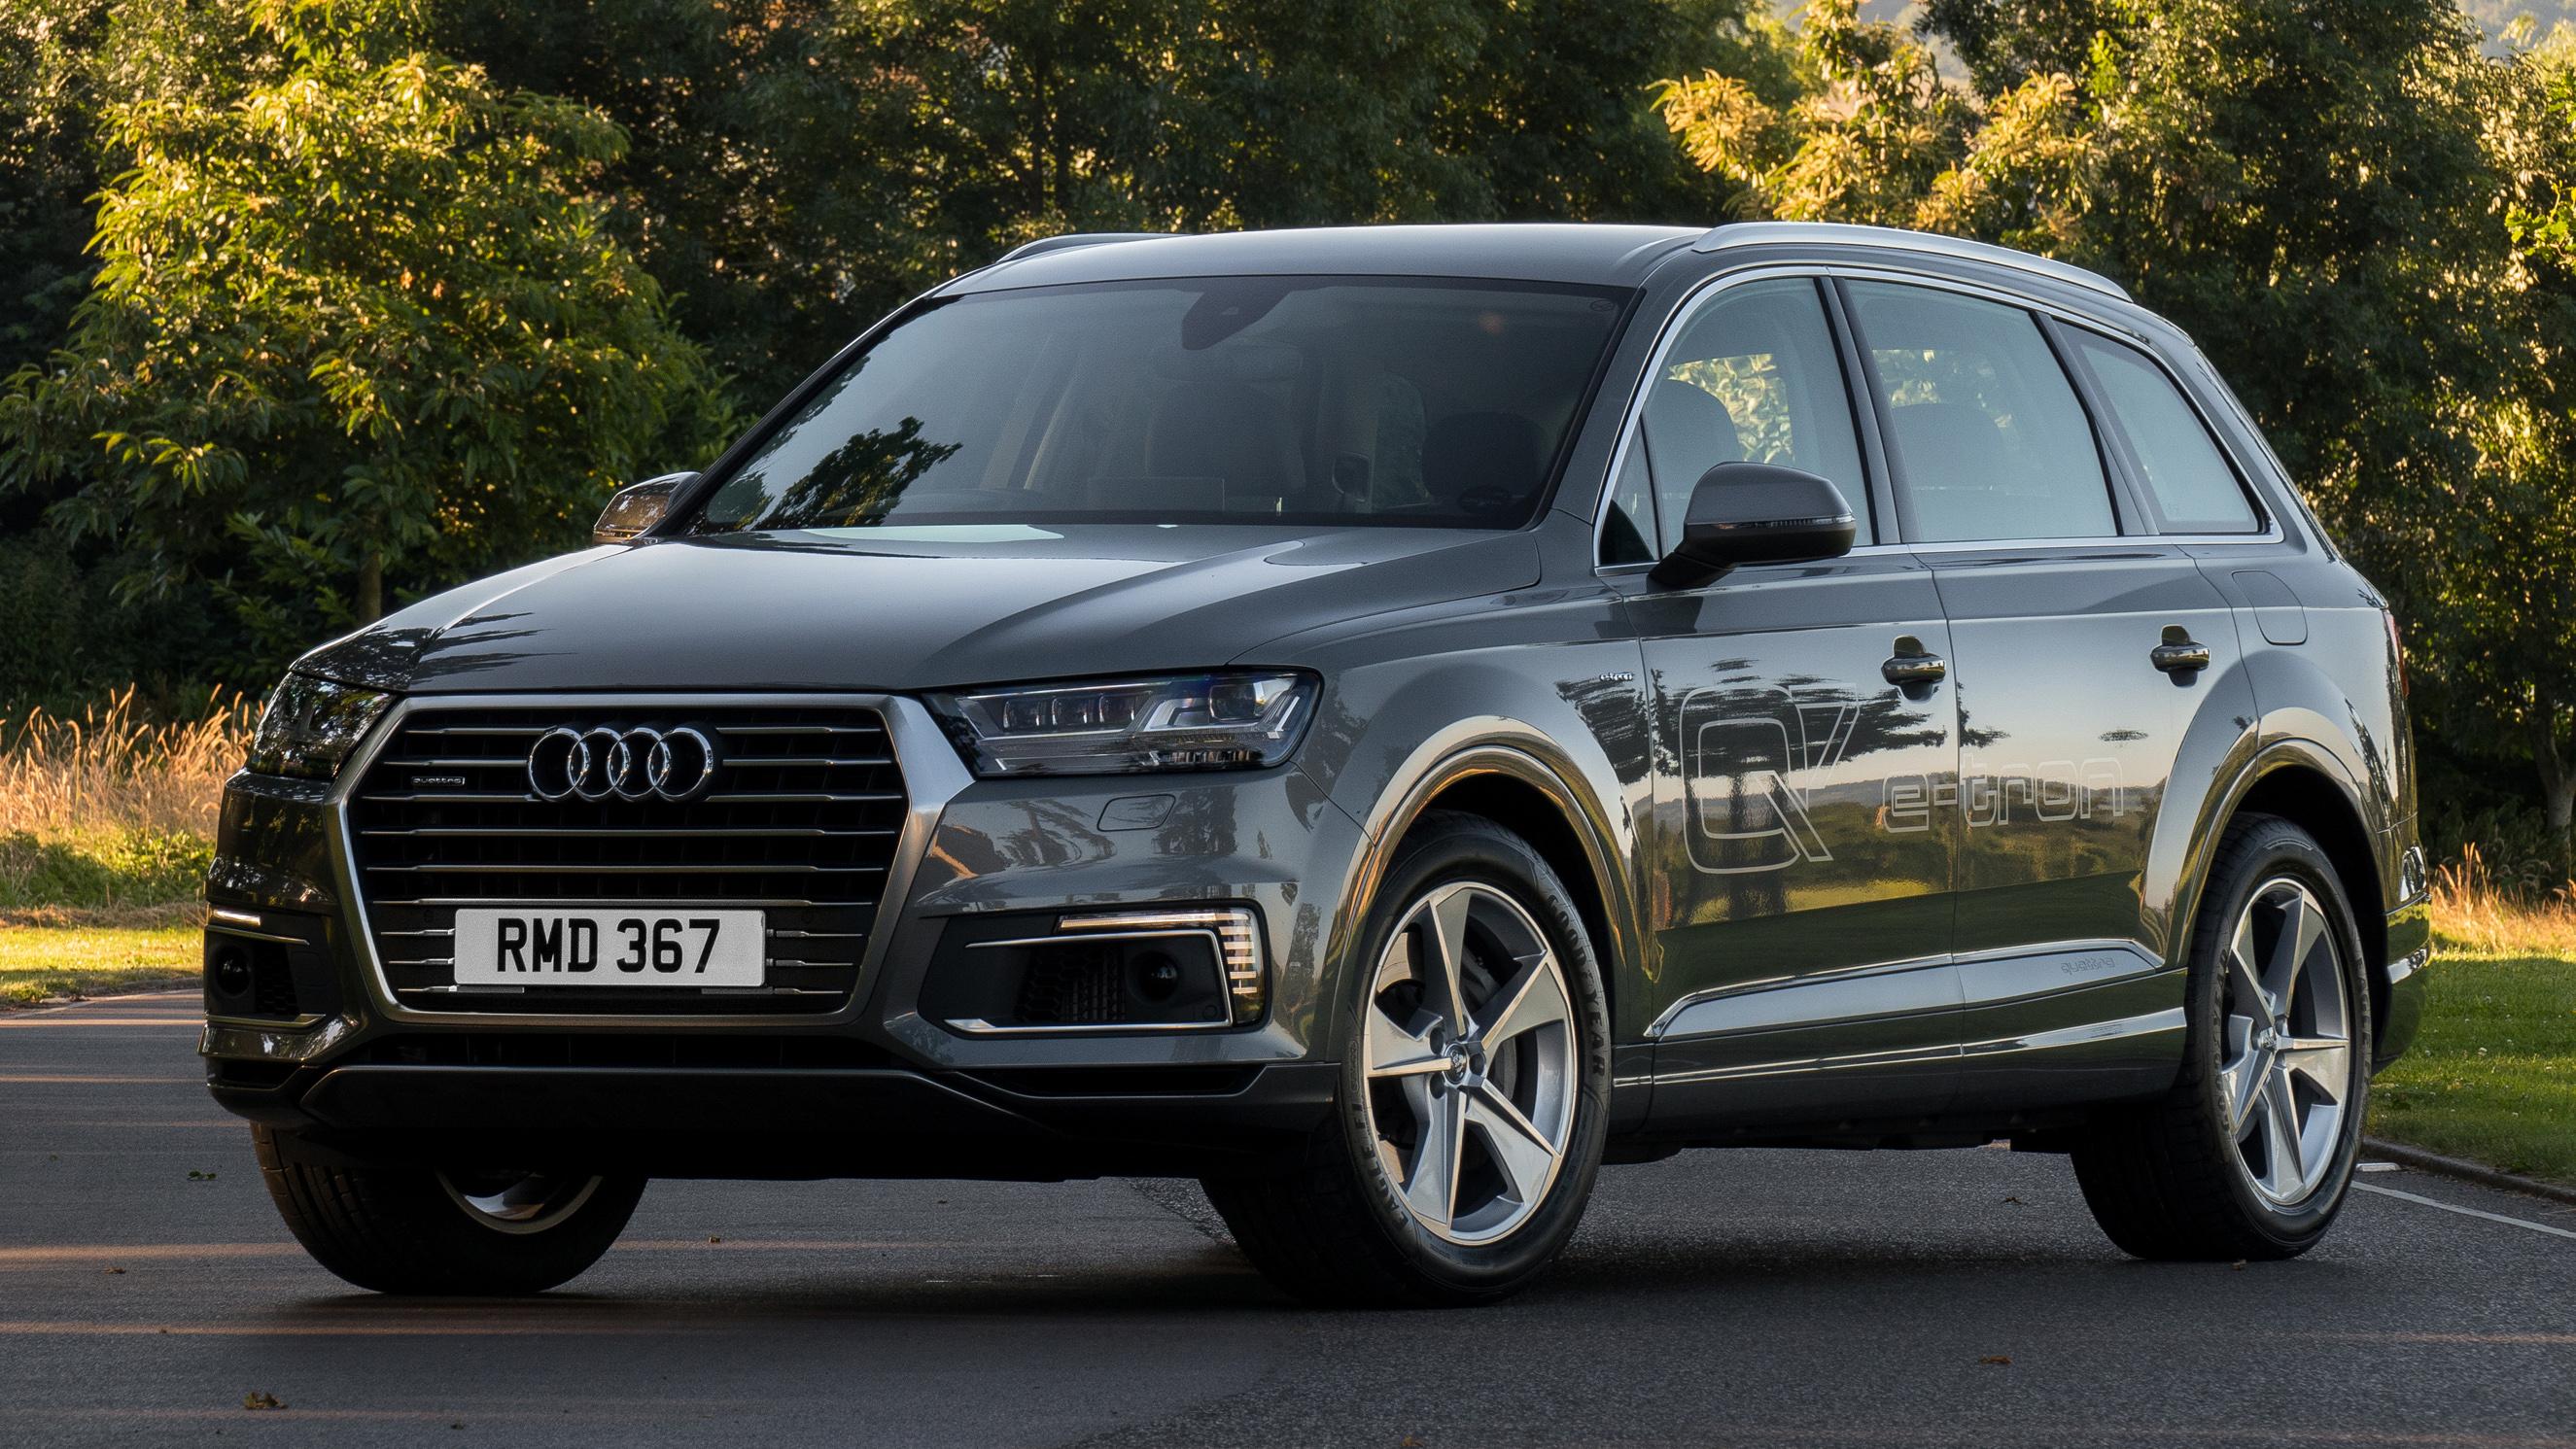 Kelebihan Kekurangan Audi Q7 Etron Perbandingan Harga